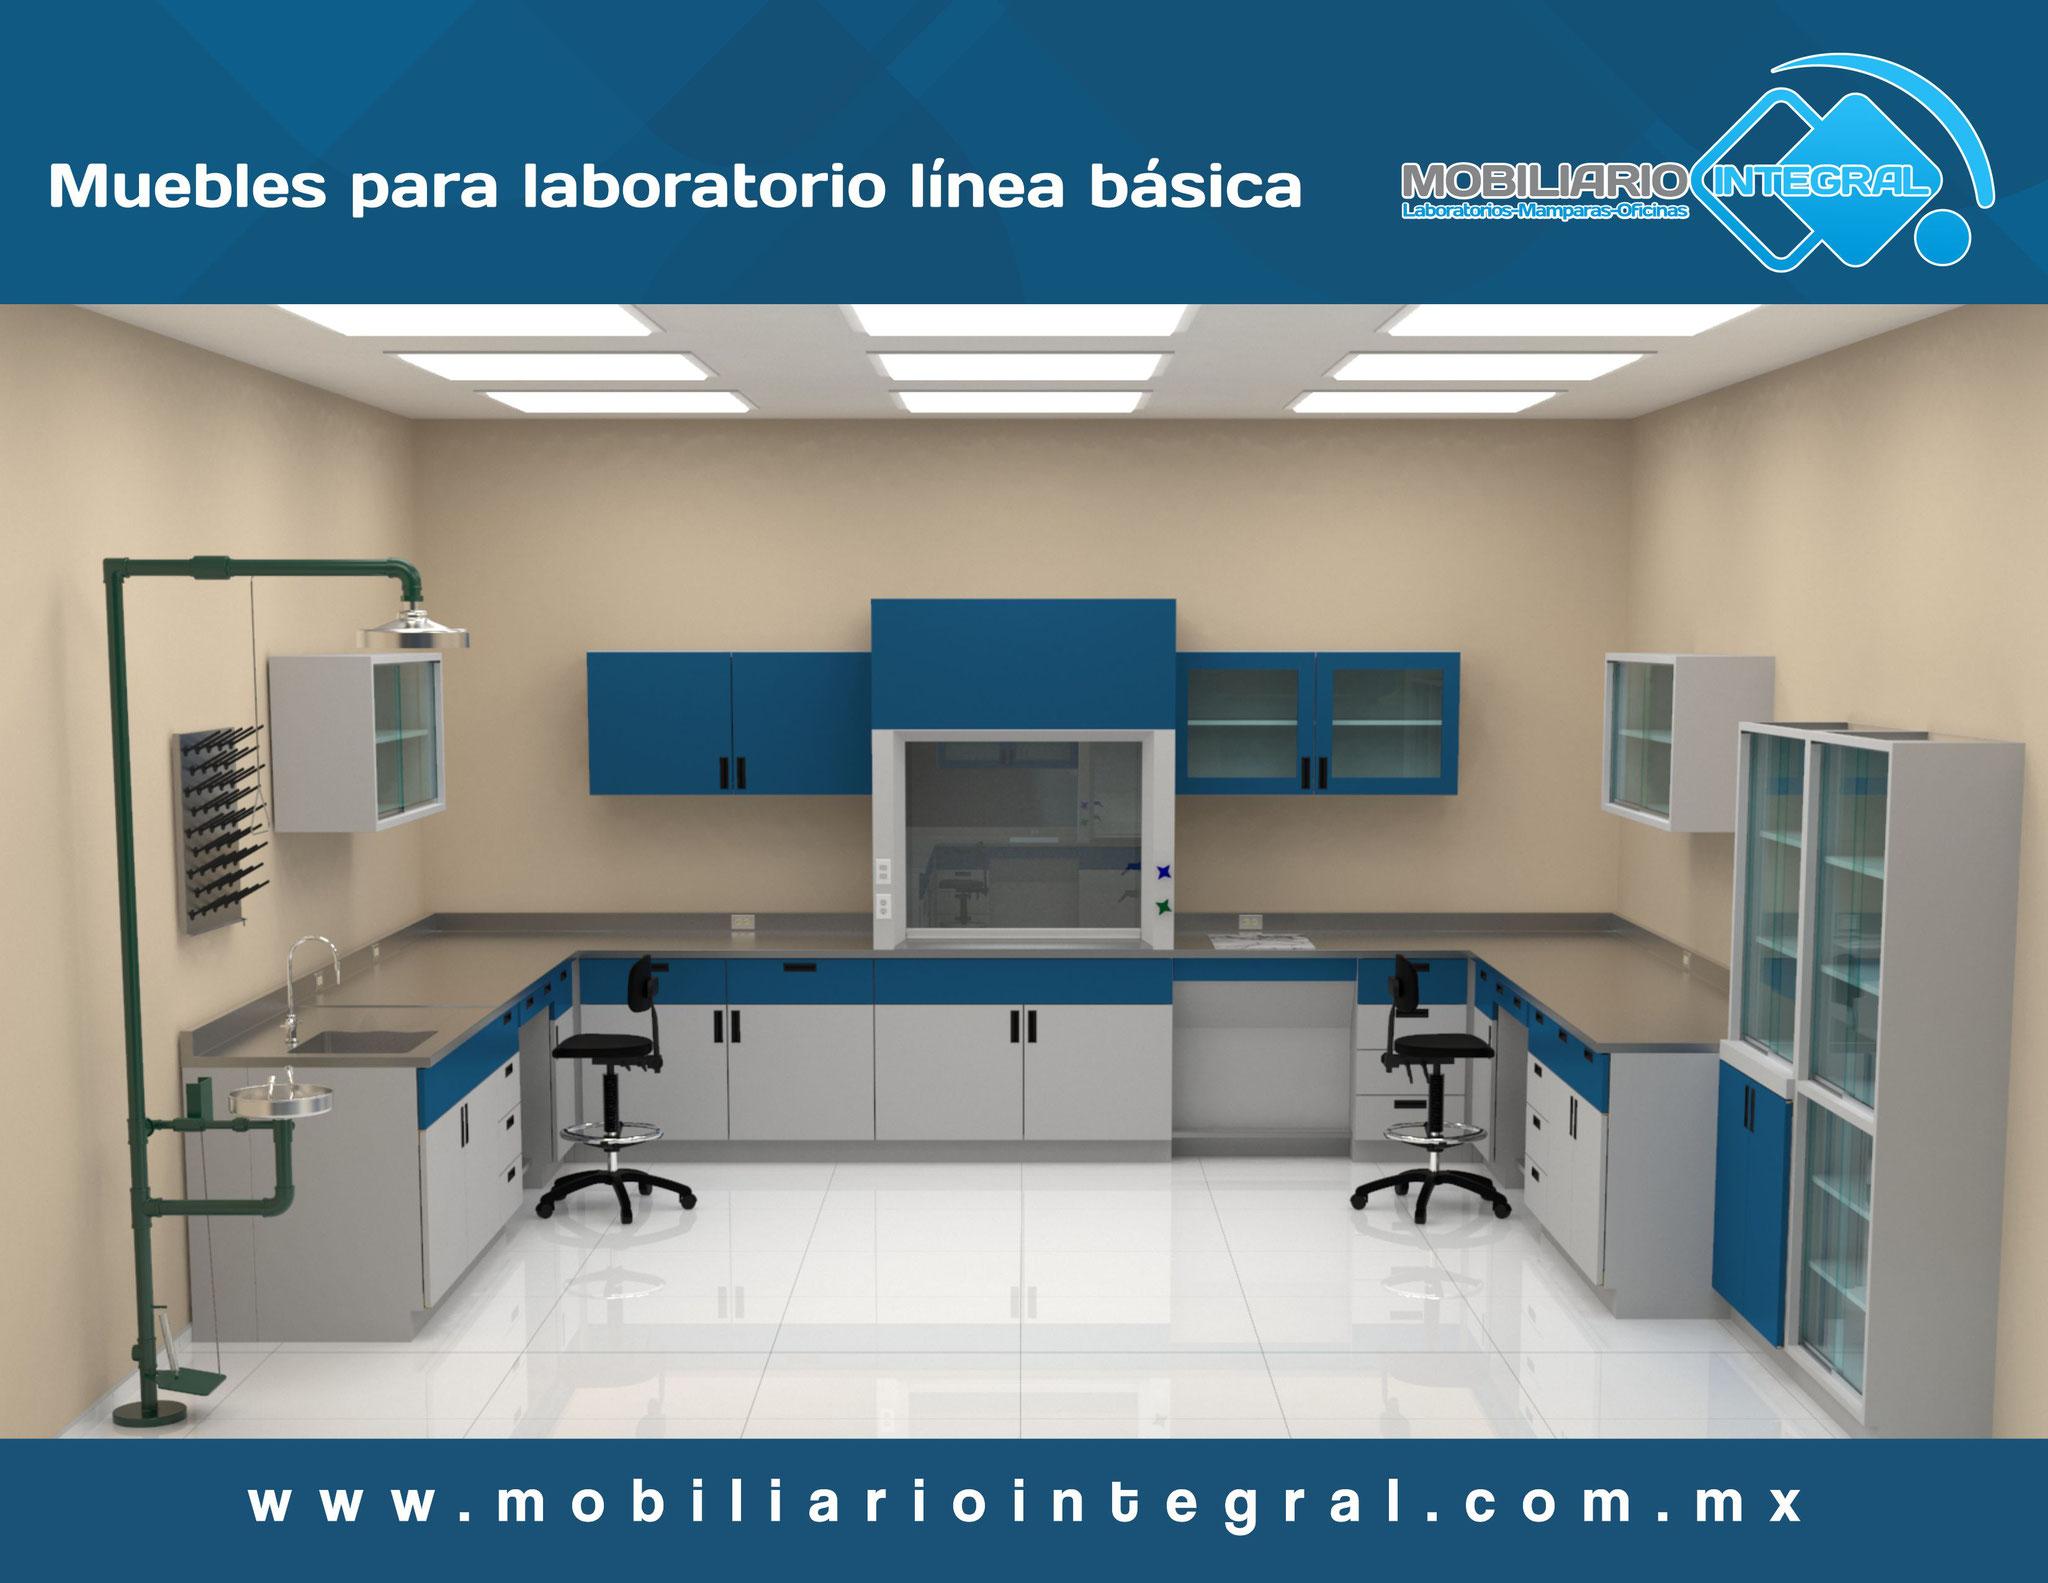 Muebles para laboratorio en Cuautitlán